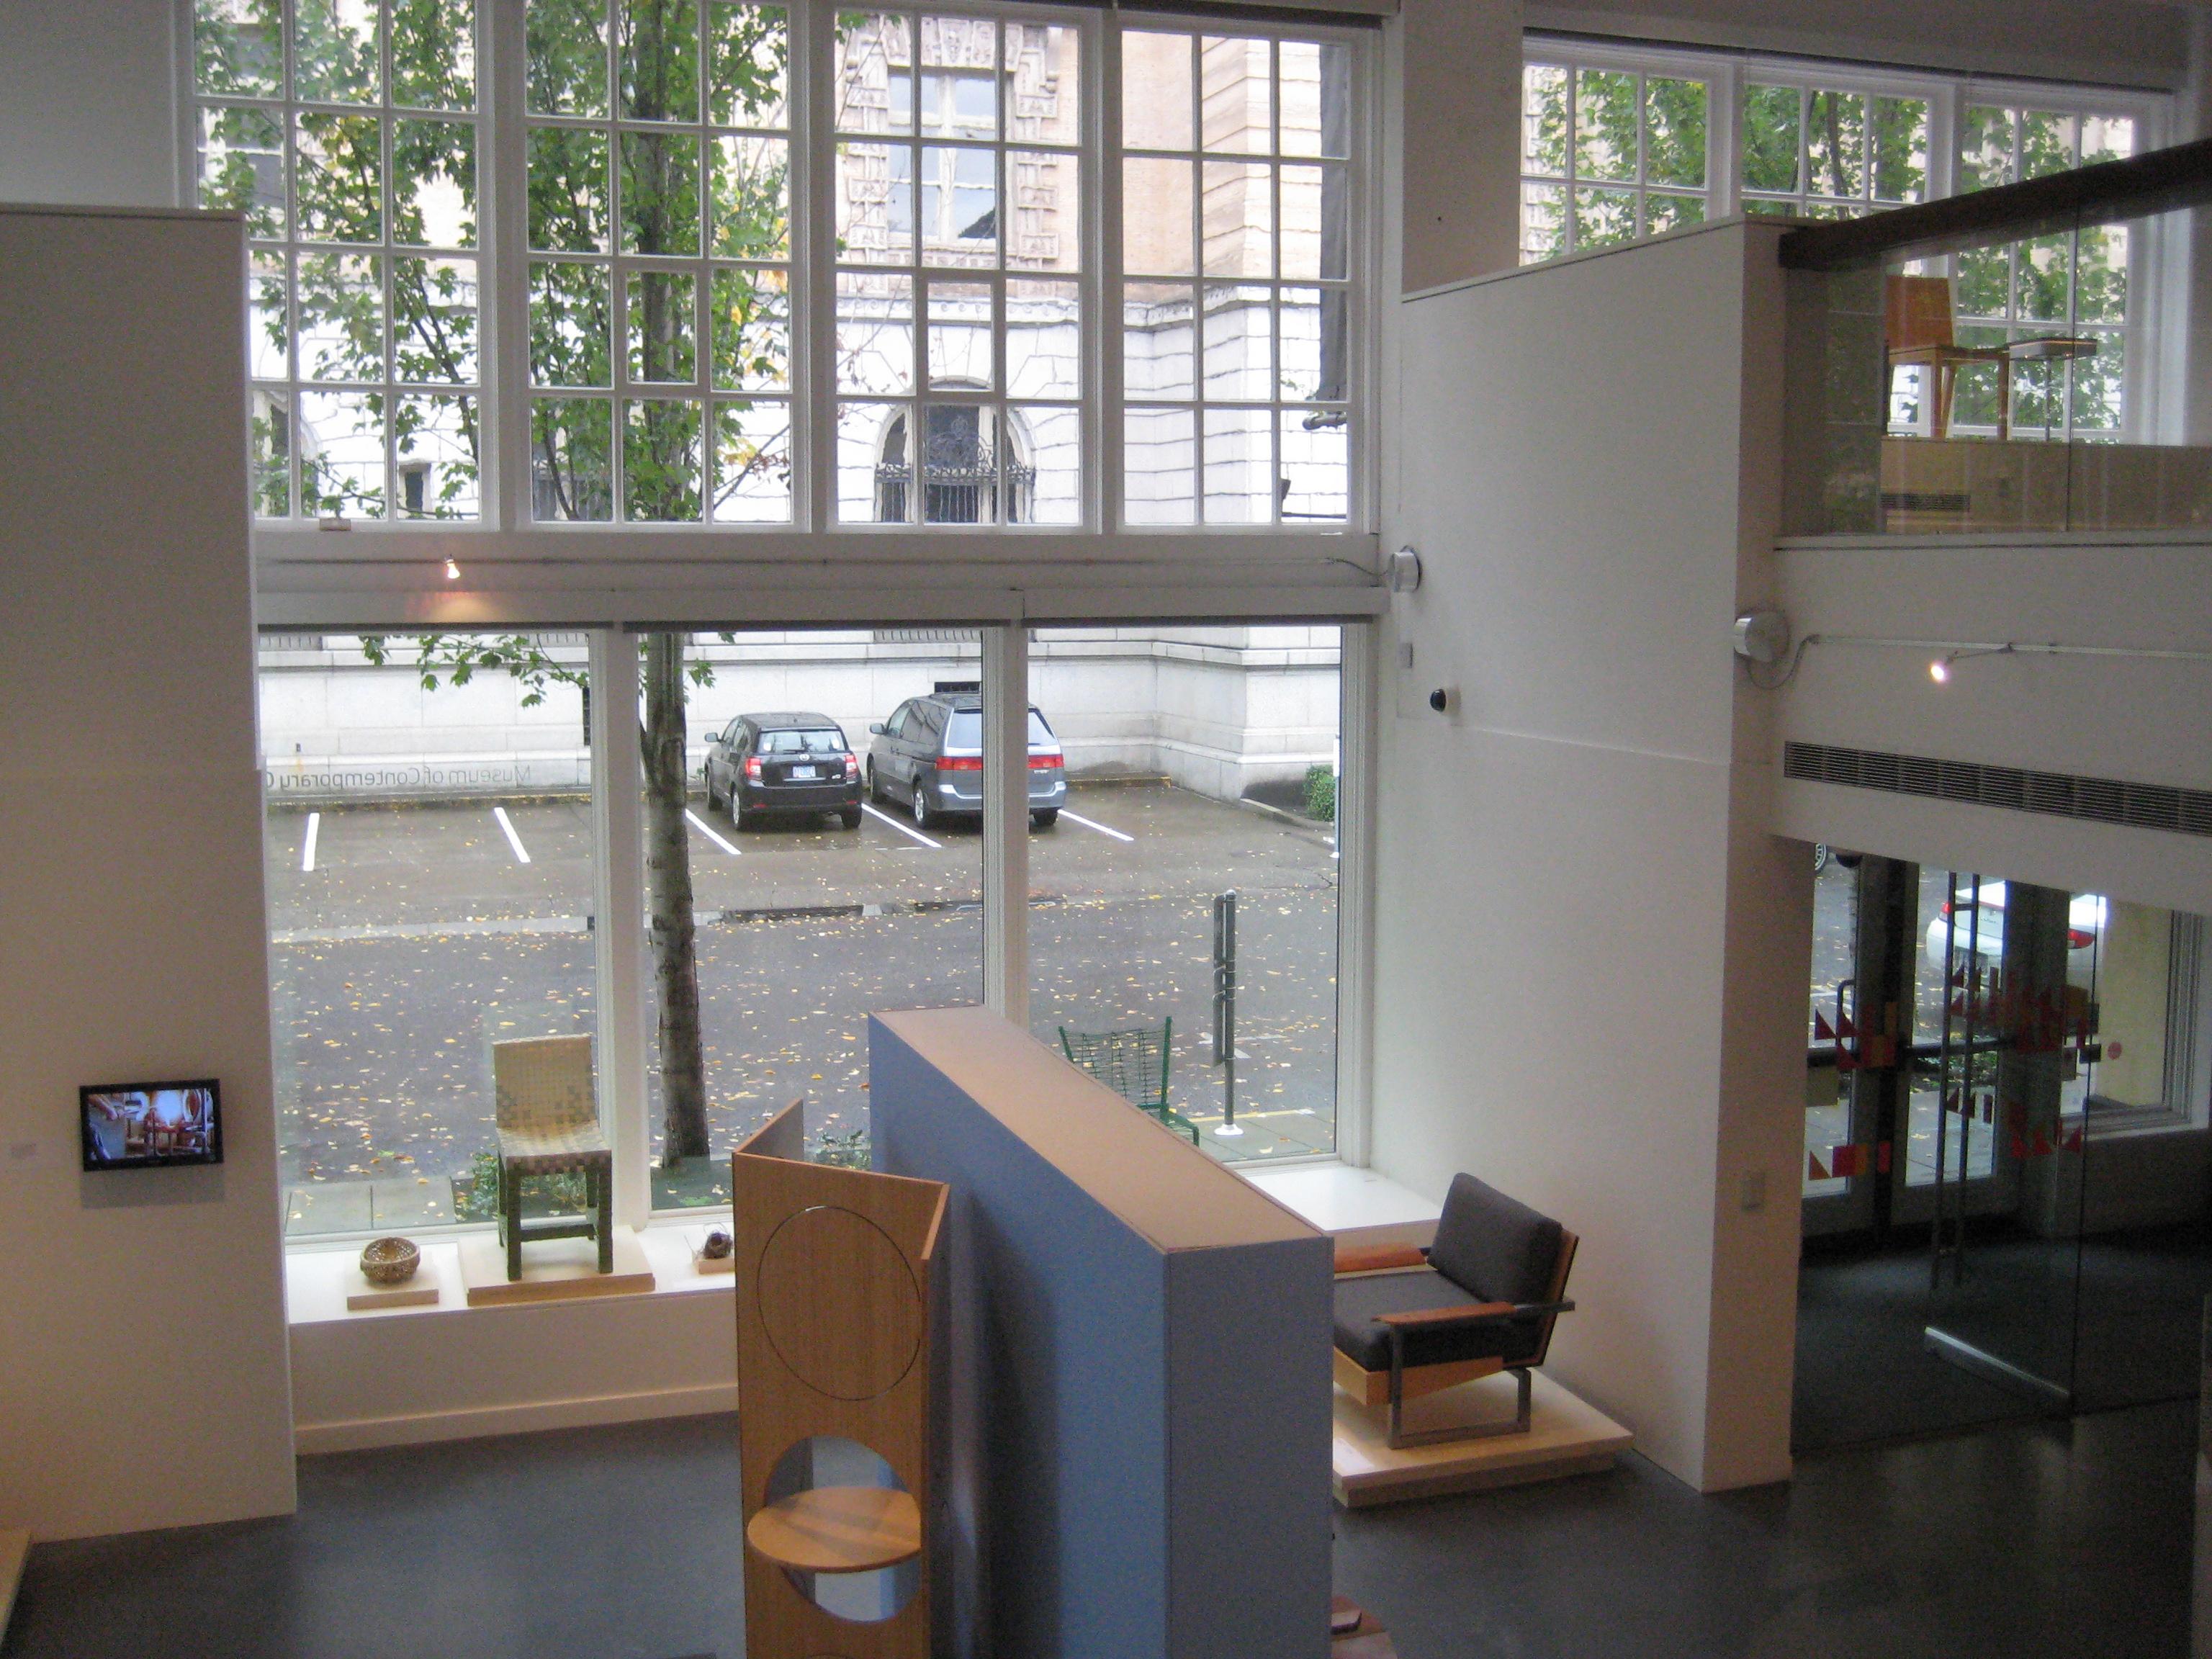 Museum Of Contemporary Craft Showpdx A Decade Of Portland Furniture